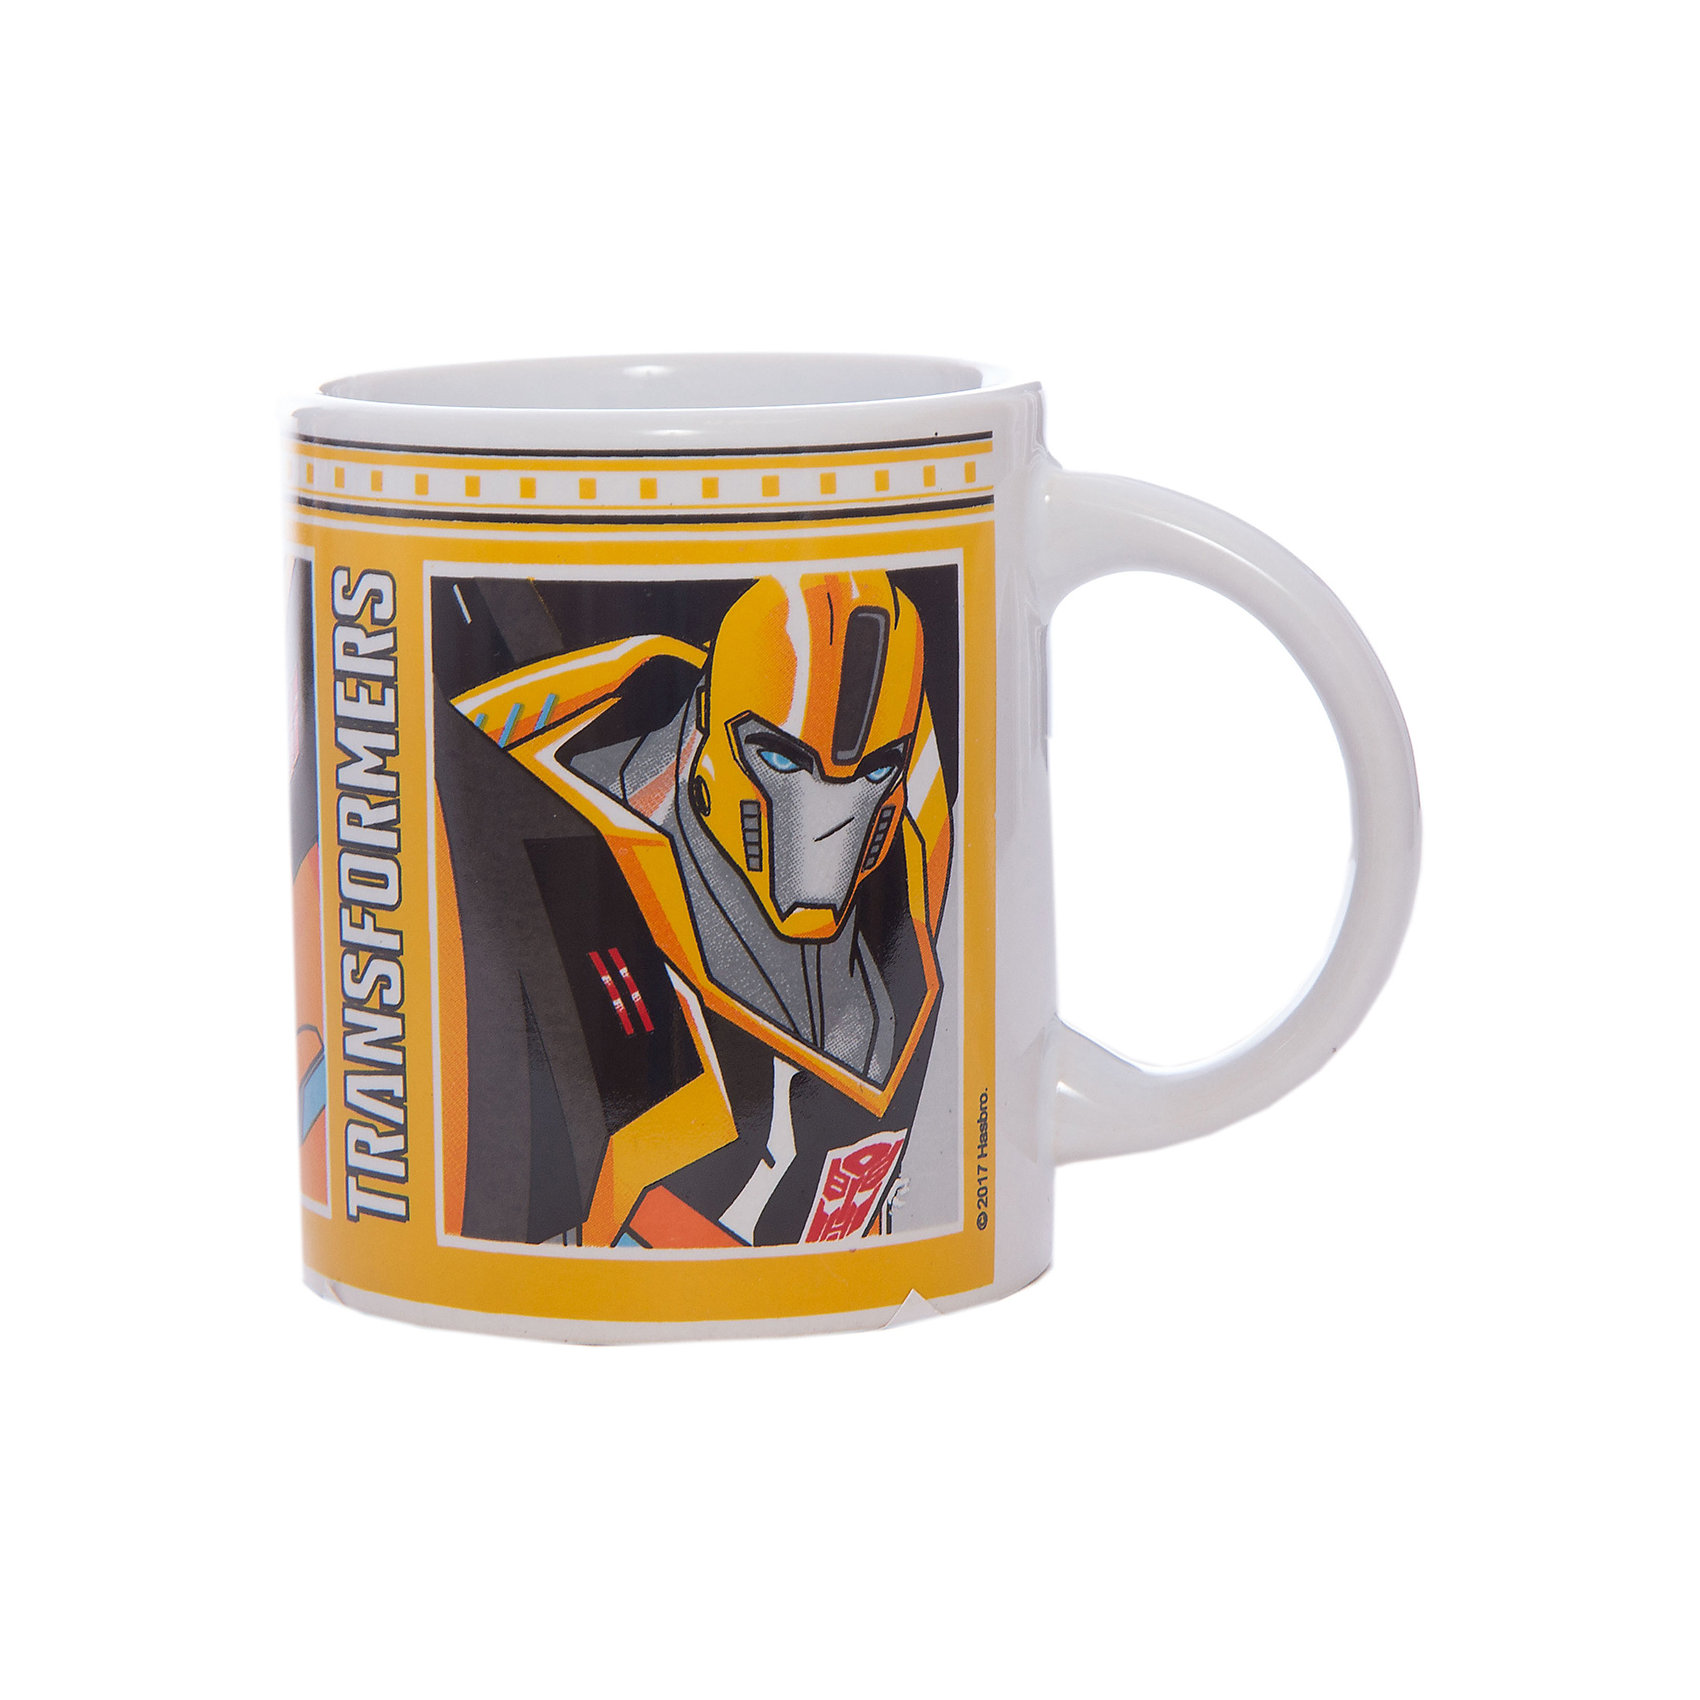 Кружка Transformers Роботы под прикрытием, 240 мл.Детская посуда<br>Характеристики:<br><br>• Материал: керамика<br>• Тематика рисунка: Трансформеры<br>• Можно использовать для горячих и холодных напитков<br>• Объем: 240 мл<br>• Вес: 267 г<br>• Размеры (Д*Ш*В): 12*8,2*9,5 см<br>• Особенности ухода: можно мыть в посудомоечной машине<br><br>Кружка Transformers Роботы под прикрытием, 240 мл выполнена в стильном дизайне: на белый корпус нанесено изображение героев популярного мультсериала Трансформеры. Изображение детально отражает облик экранного прототипа, устойчиво к появлению царапин, не выцветает при частом мытье. <br><br>Кружку Transformers Роботы под прикрытием, 240 мл можно купить в нашем интернет-магазине.<br><br>Ширина мм: 120<br>Глубина мм: 82<br>Высота мм: 95<br>Вес г: 267<br>Возраст от месяцев: 36<br>Возраст до месяцев: 1188<br>Пол: Мужской<br>Возраст: Детский<br>SKU: 6849973